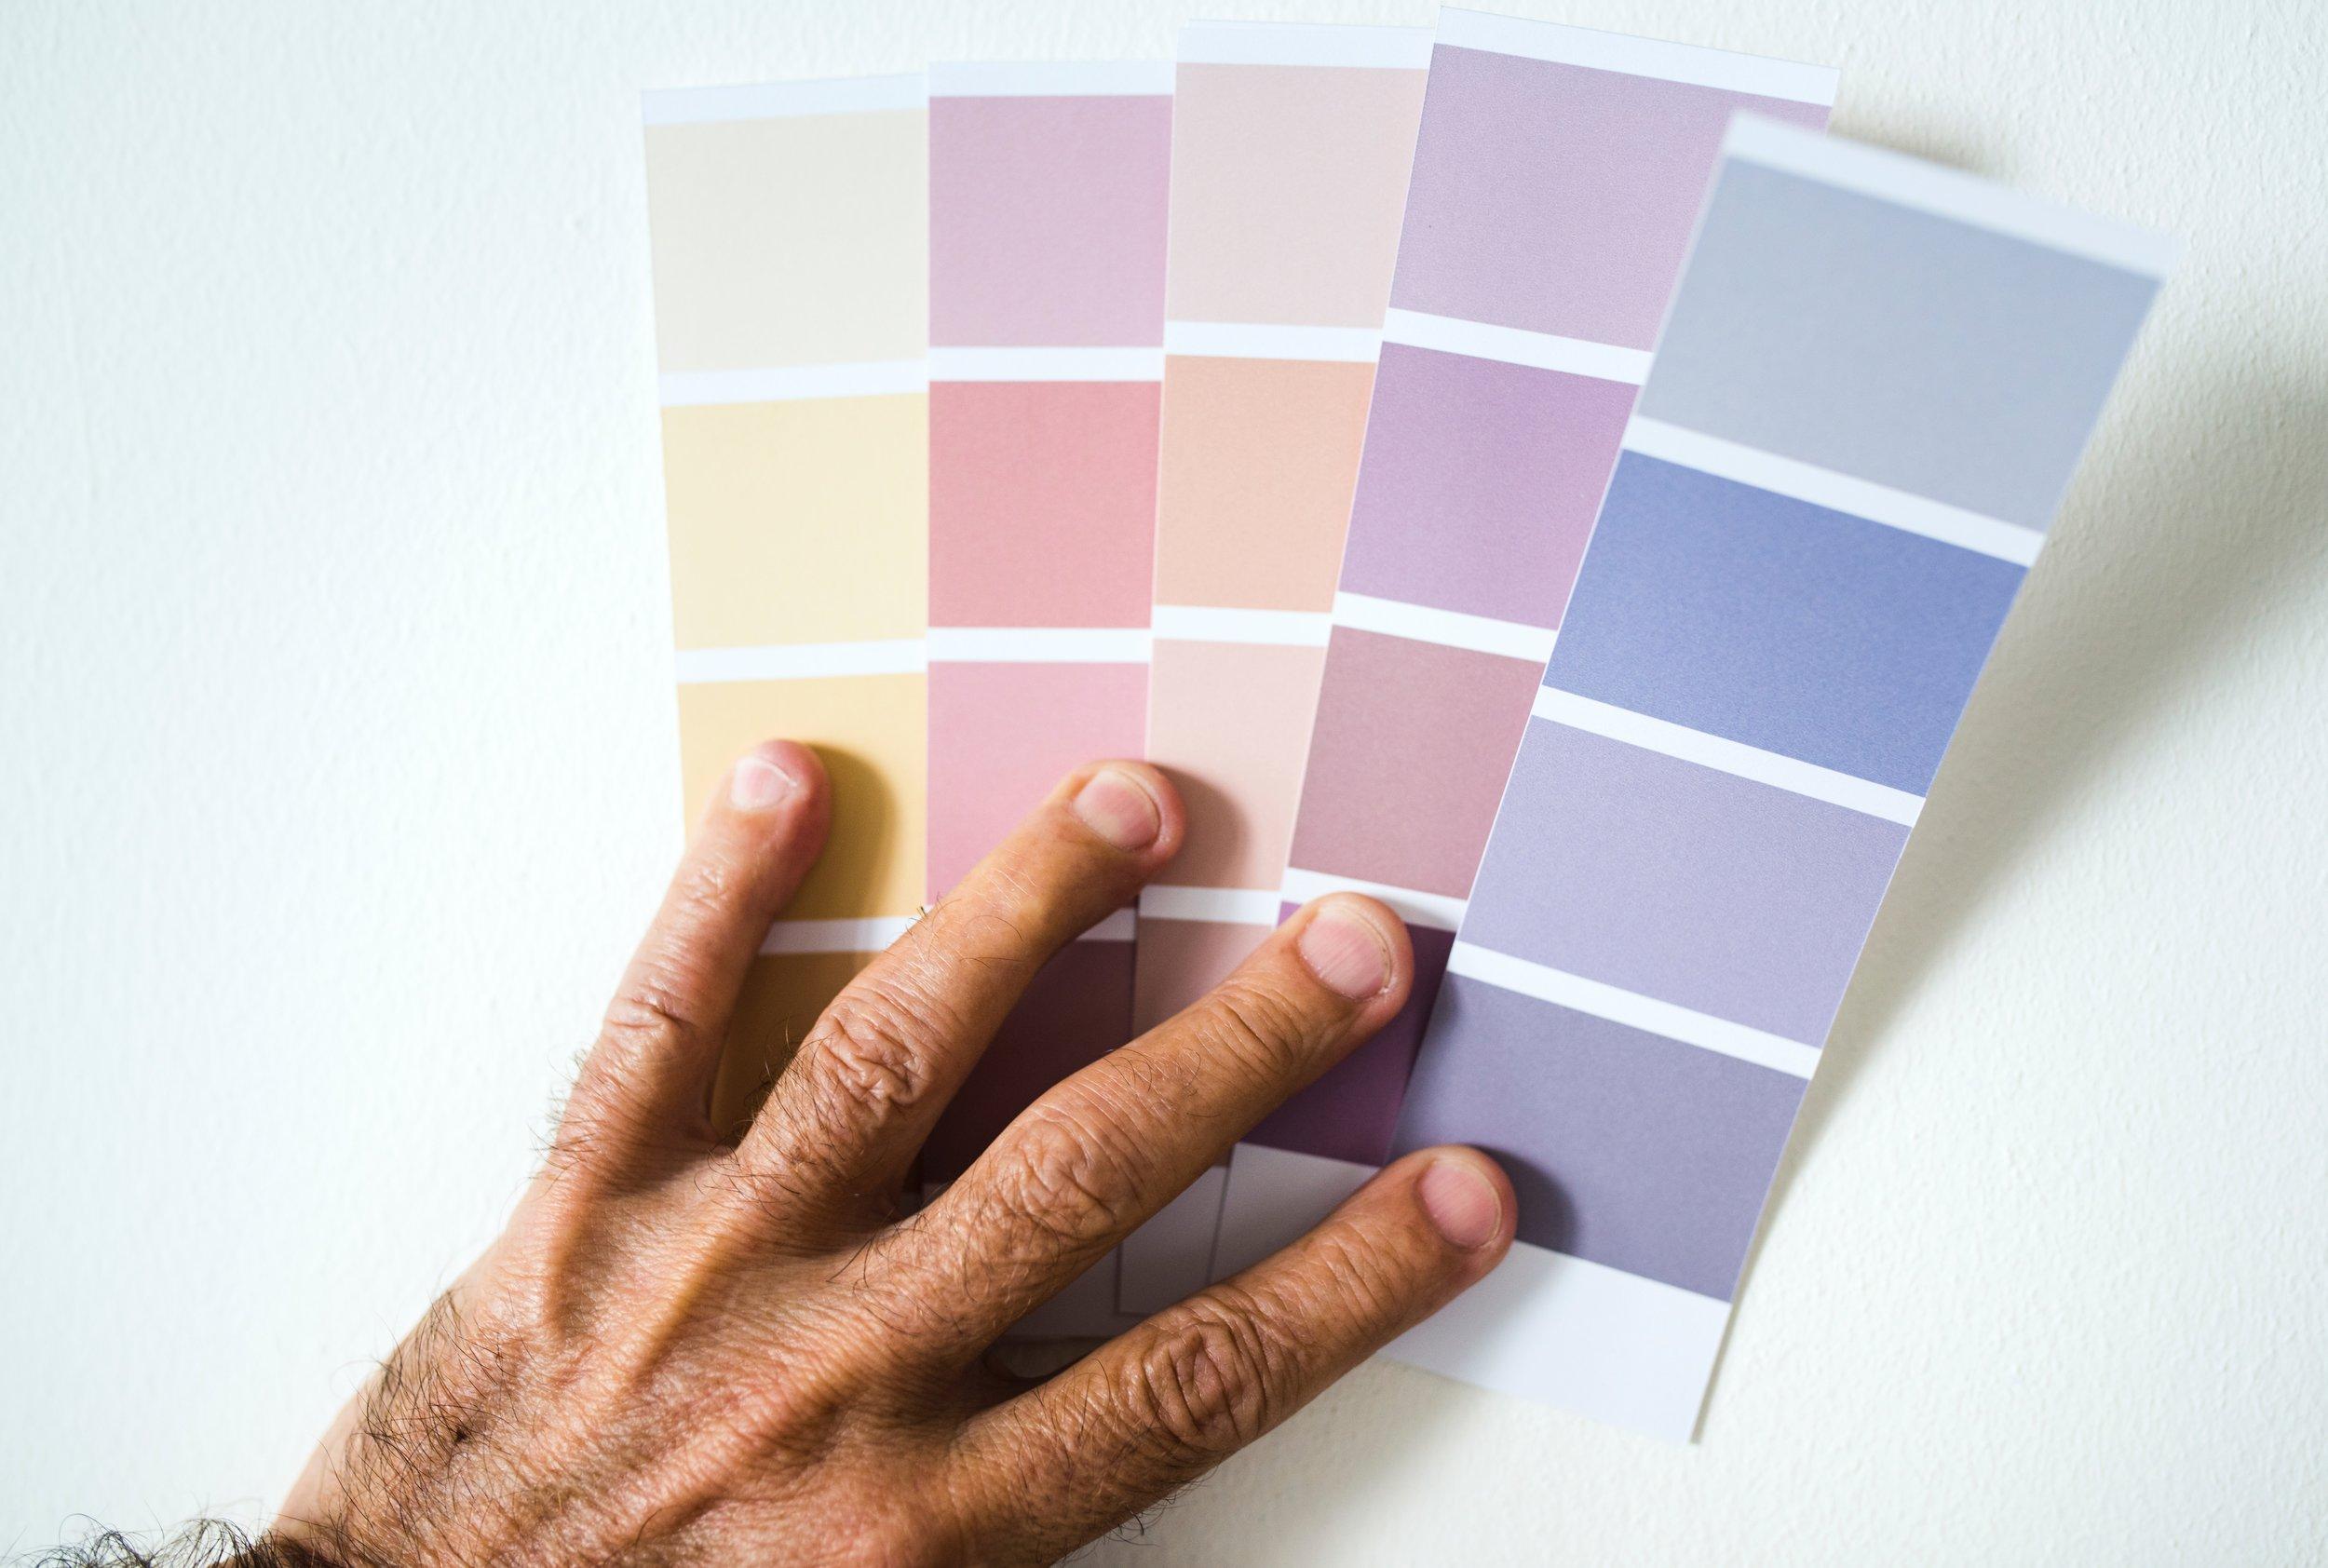 choices-close-up-color-palette-1573825.jpg